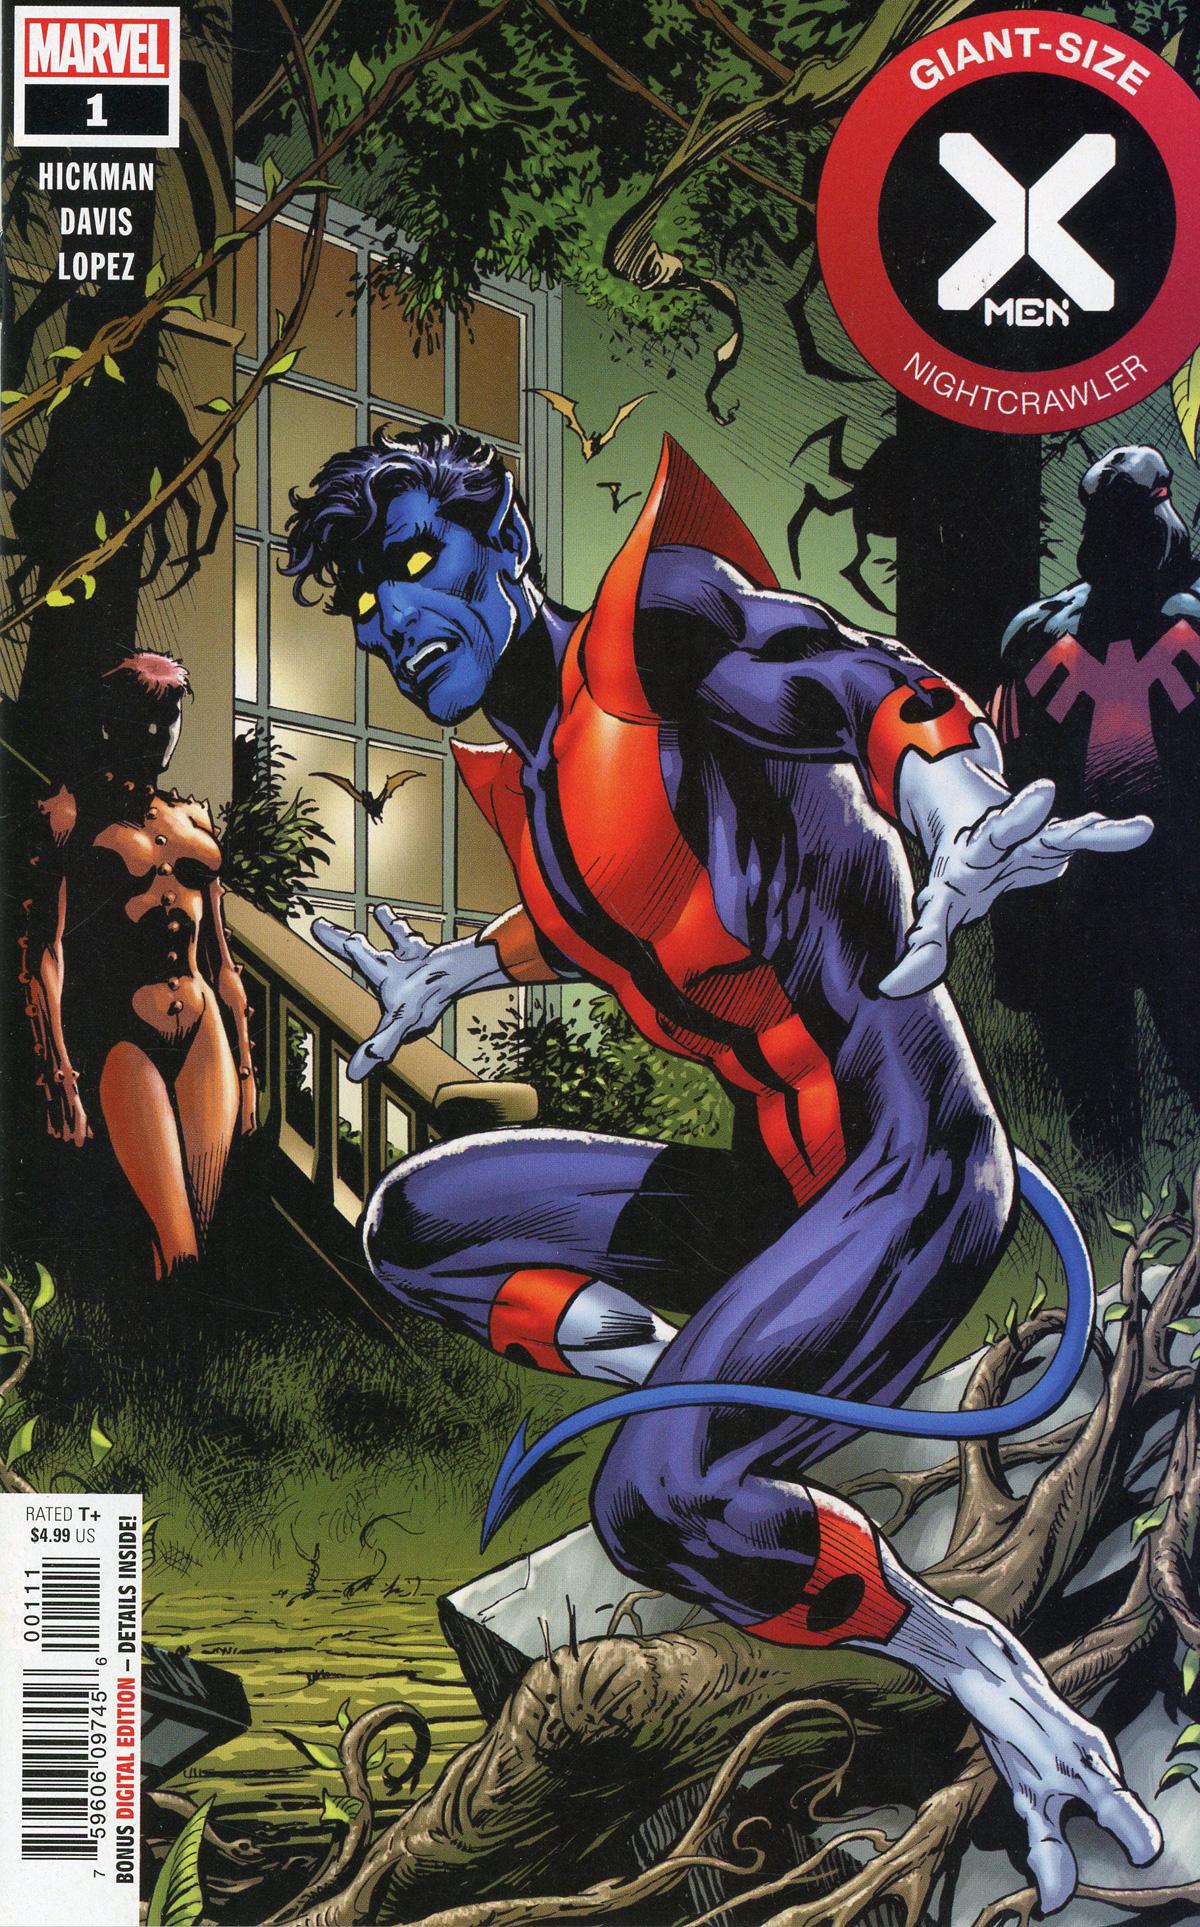 Giant-Size X-Men Nightcrawler #1 Cover A Regular Alan Davis Cover